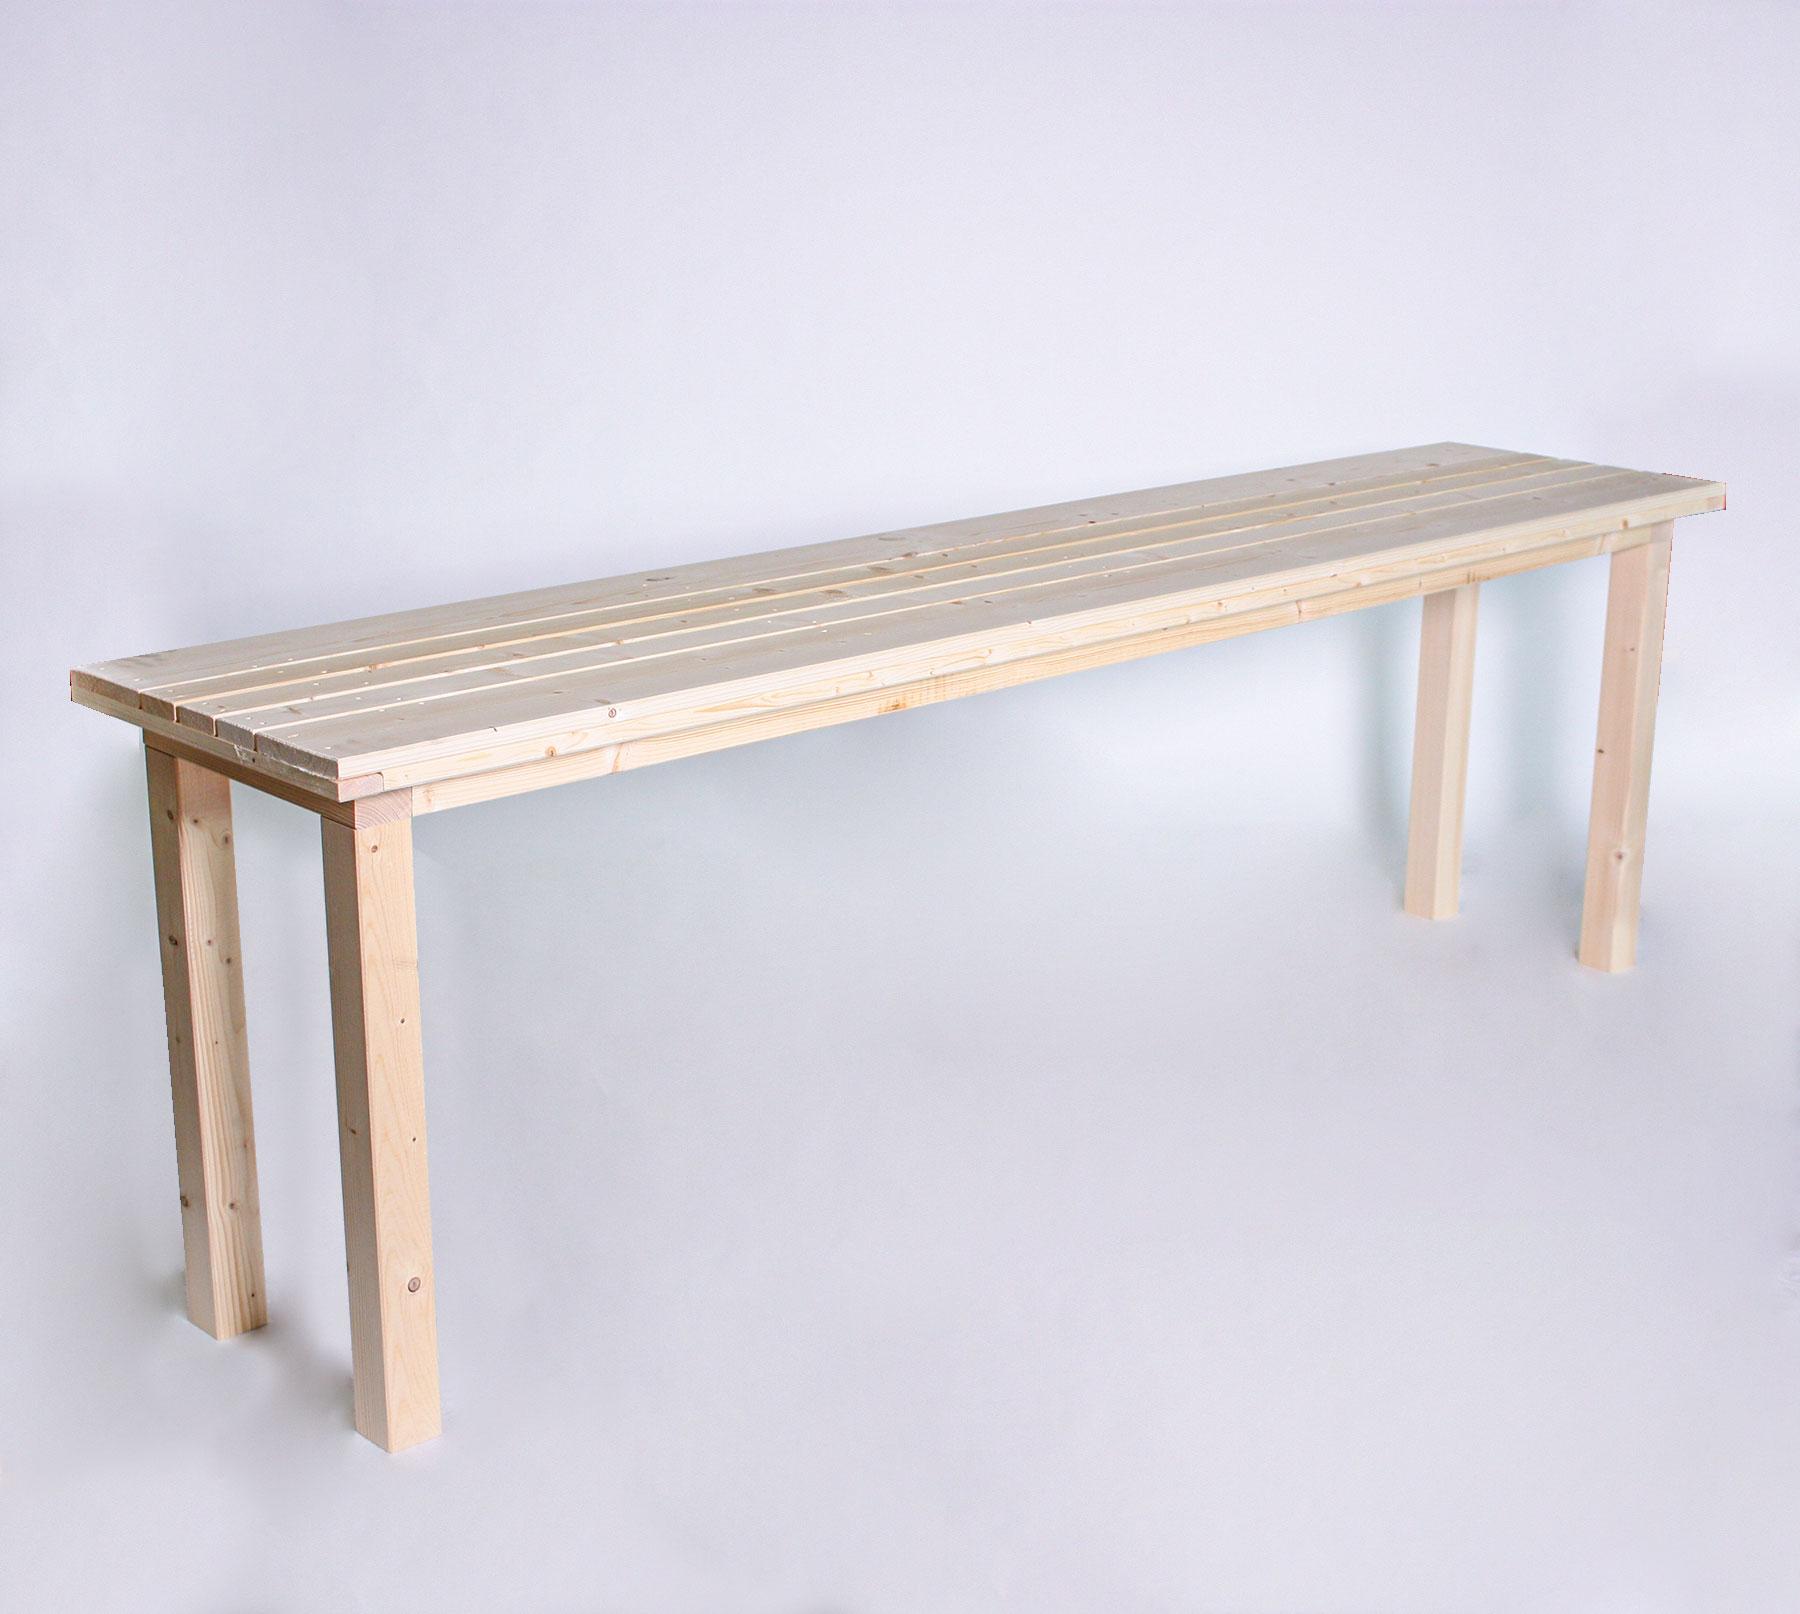 Sitztisch KOMPAKT - Tischlänge 240cm